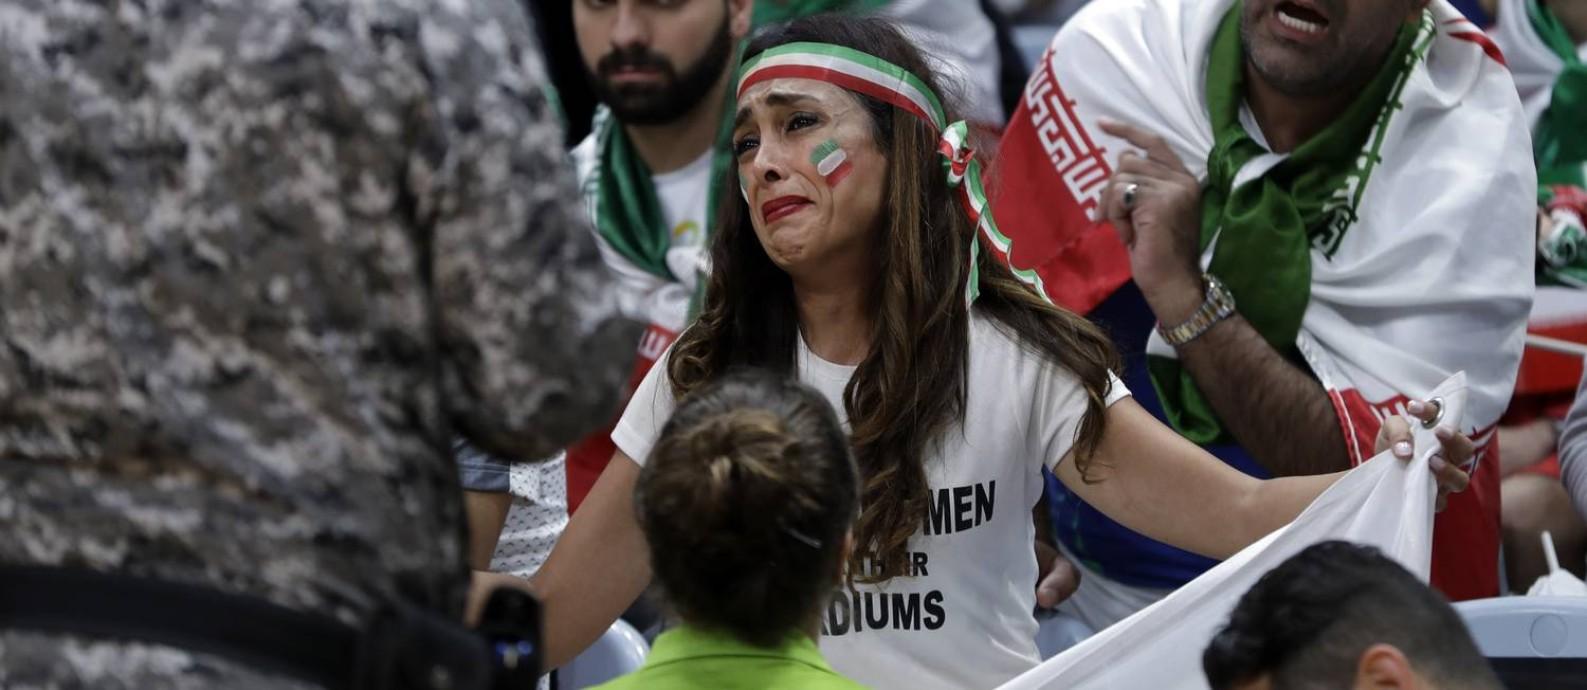 Darya Safai chorou ao ser proibida de protestar pelo direito das mulheres iranianas a frequentar estádios em seu país Foto: Jeff Roberson / AP